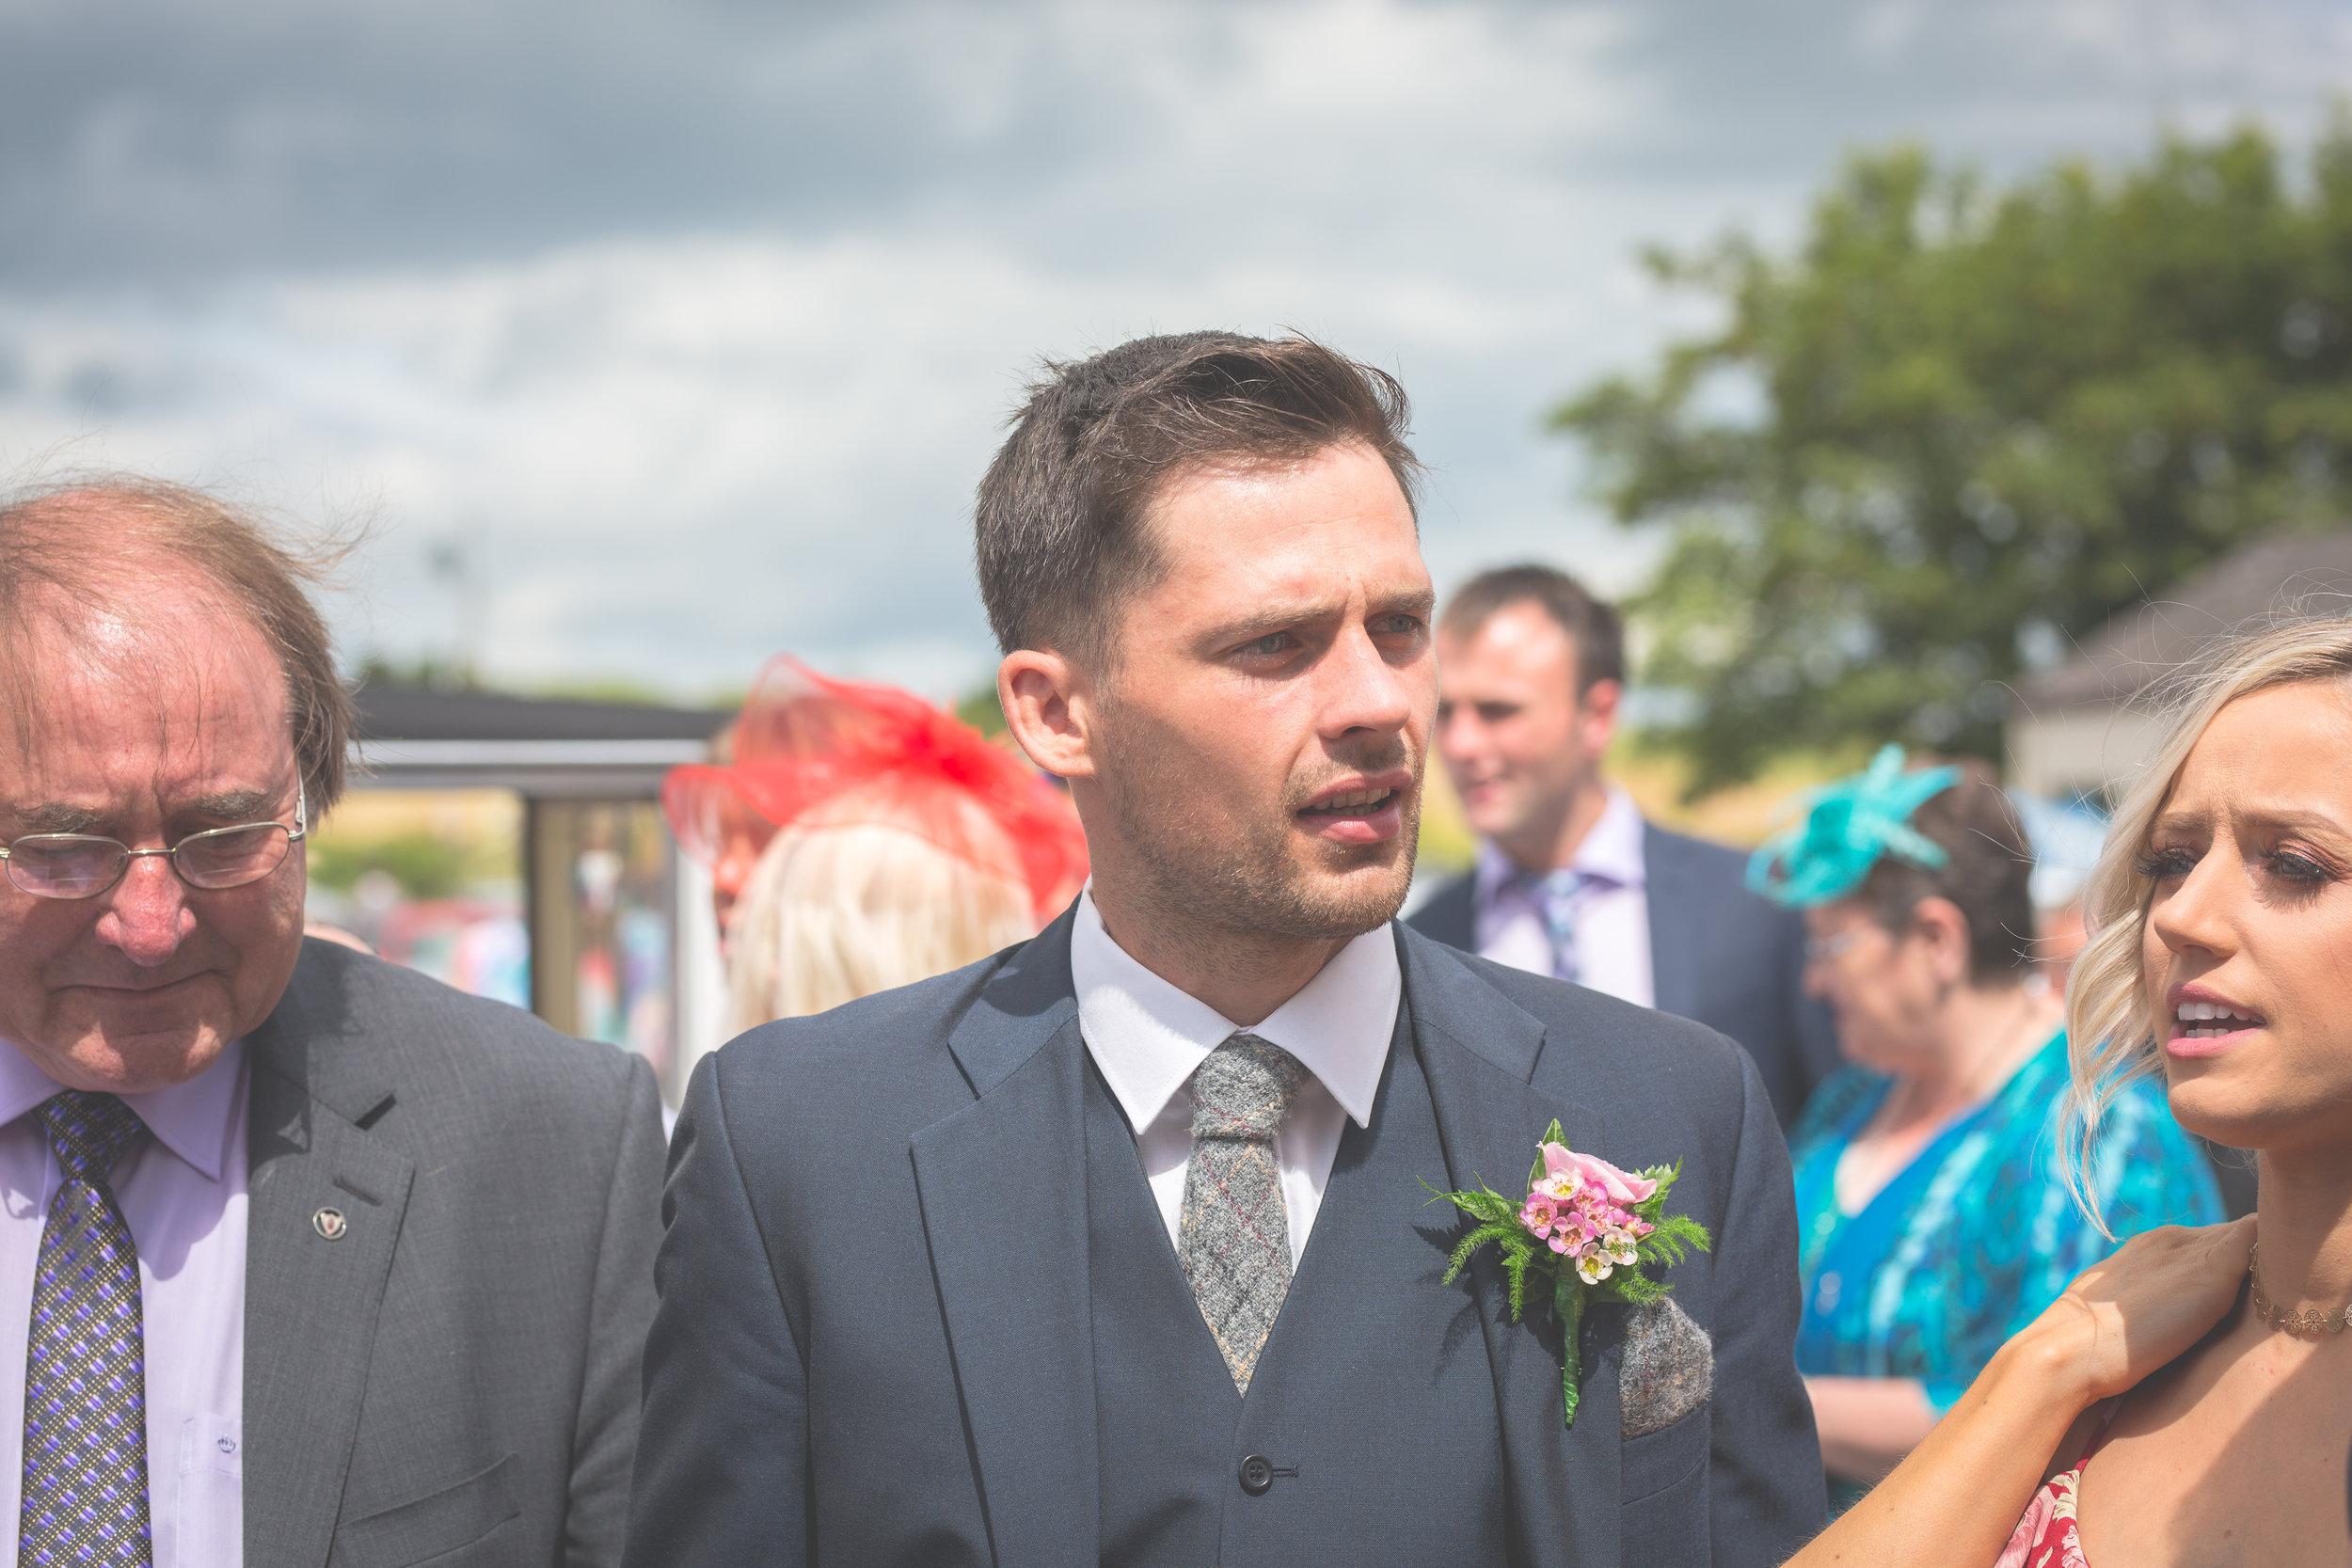 Brian McEwan Wedding Photography   Carol-Anne & Sean   The Ceremony-122.jpg